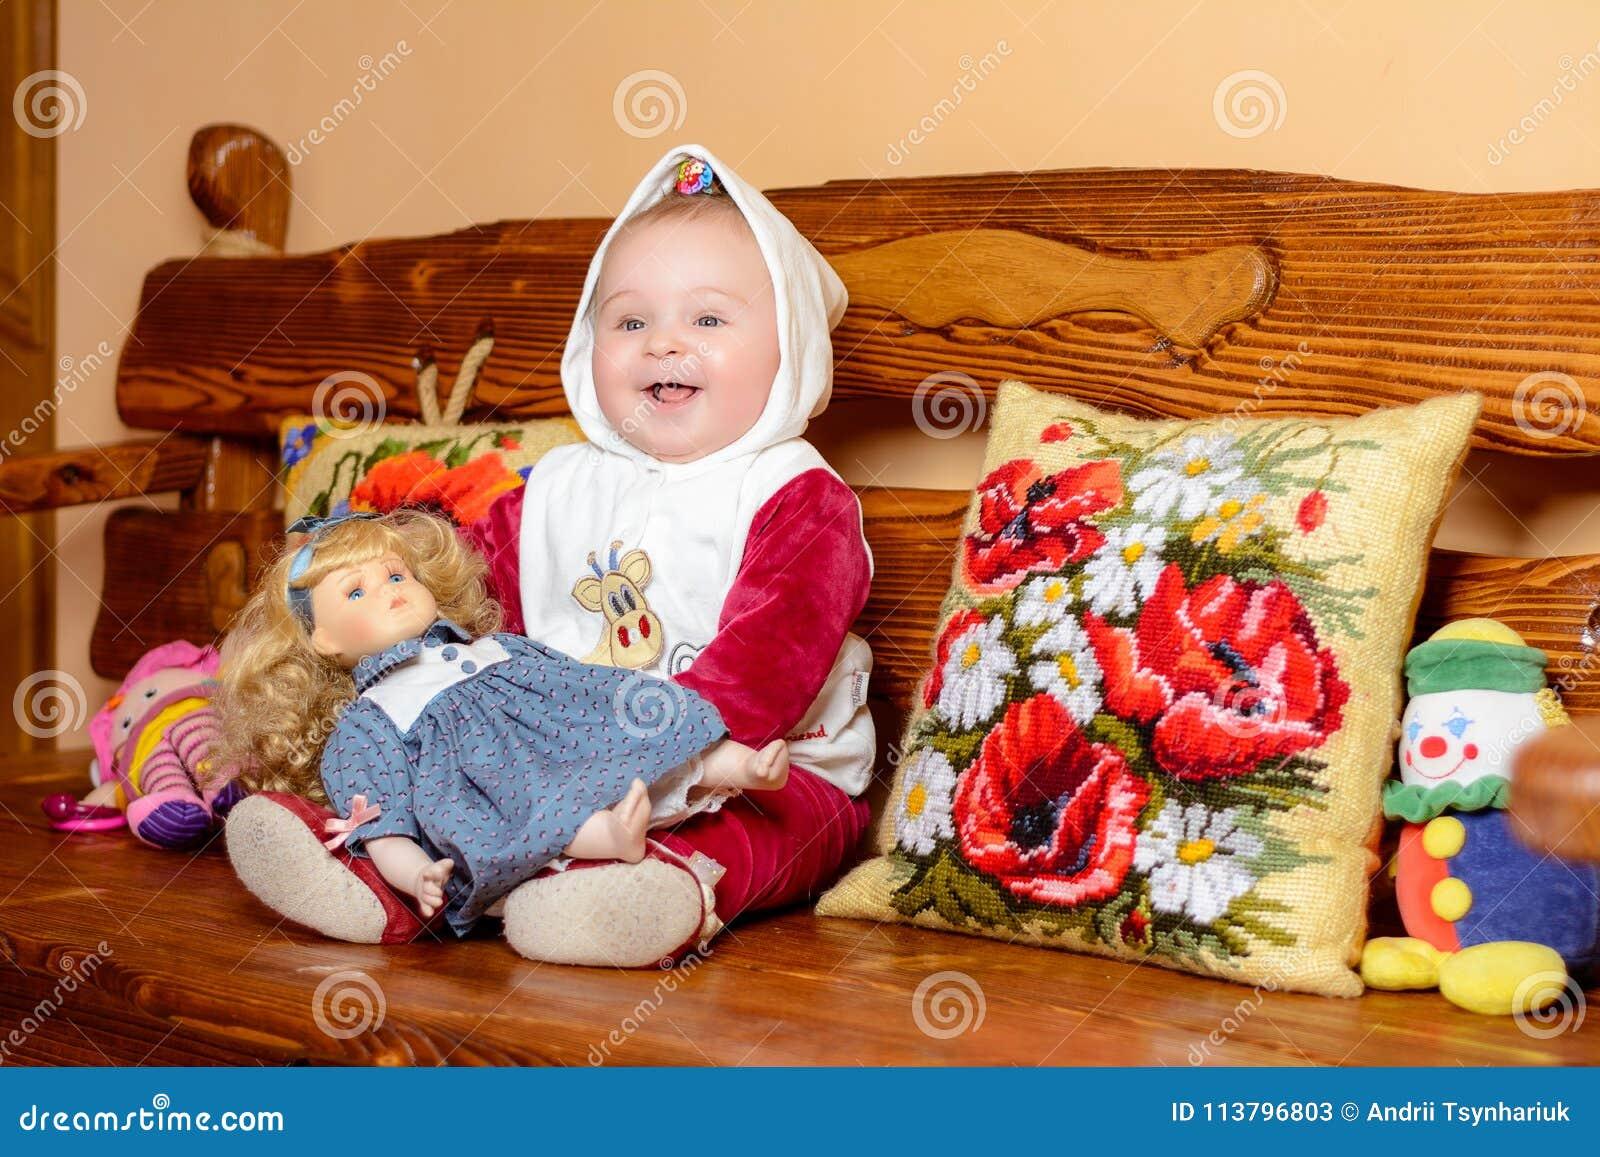 Een klein kind in een sjaalzitting op een bank met geborduurde hoofdkussens